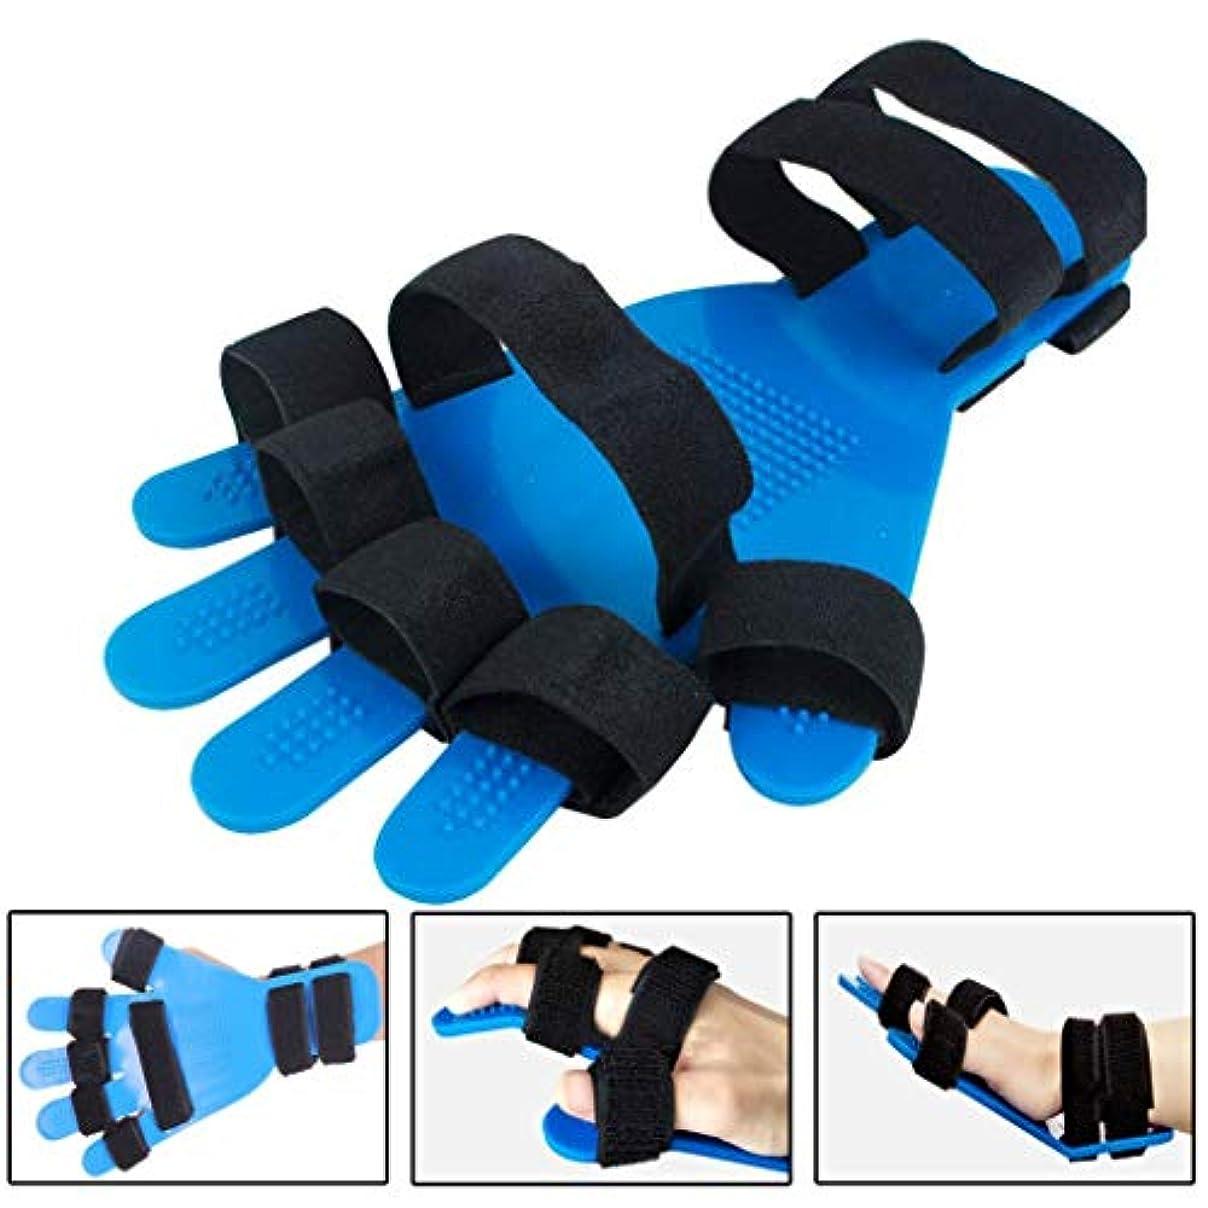 へこみしなければならない下に指の添え木指板指の分離器 - 脳卒中/片麻痺/外傷性脳損傷のための指矯正器指板